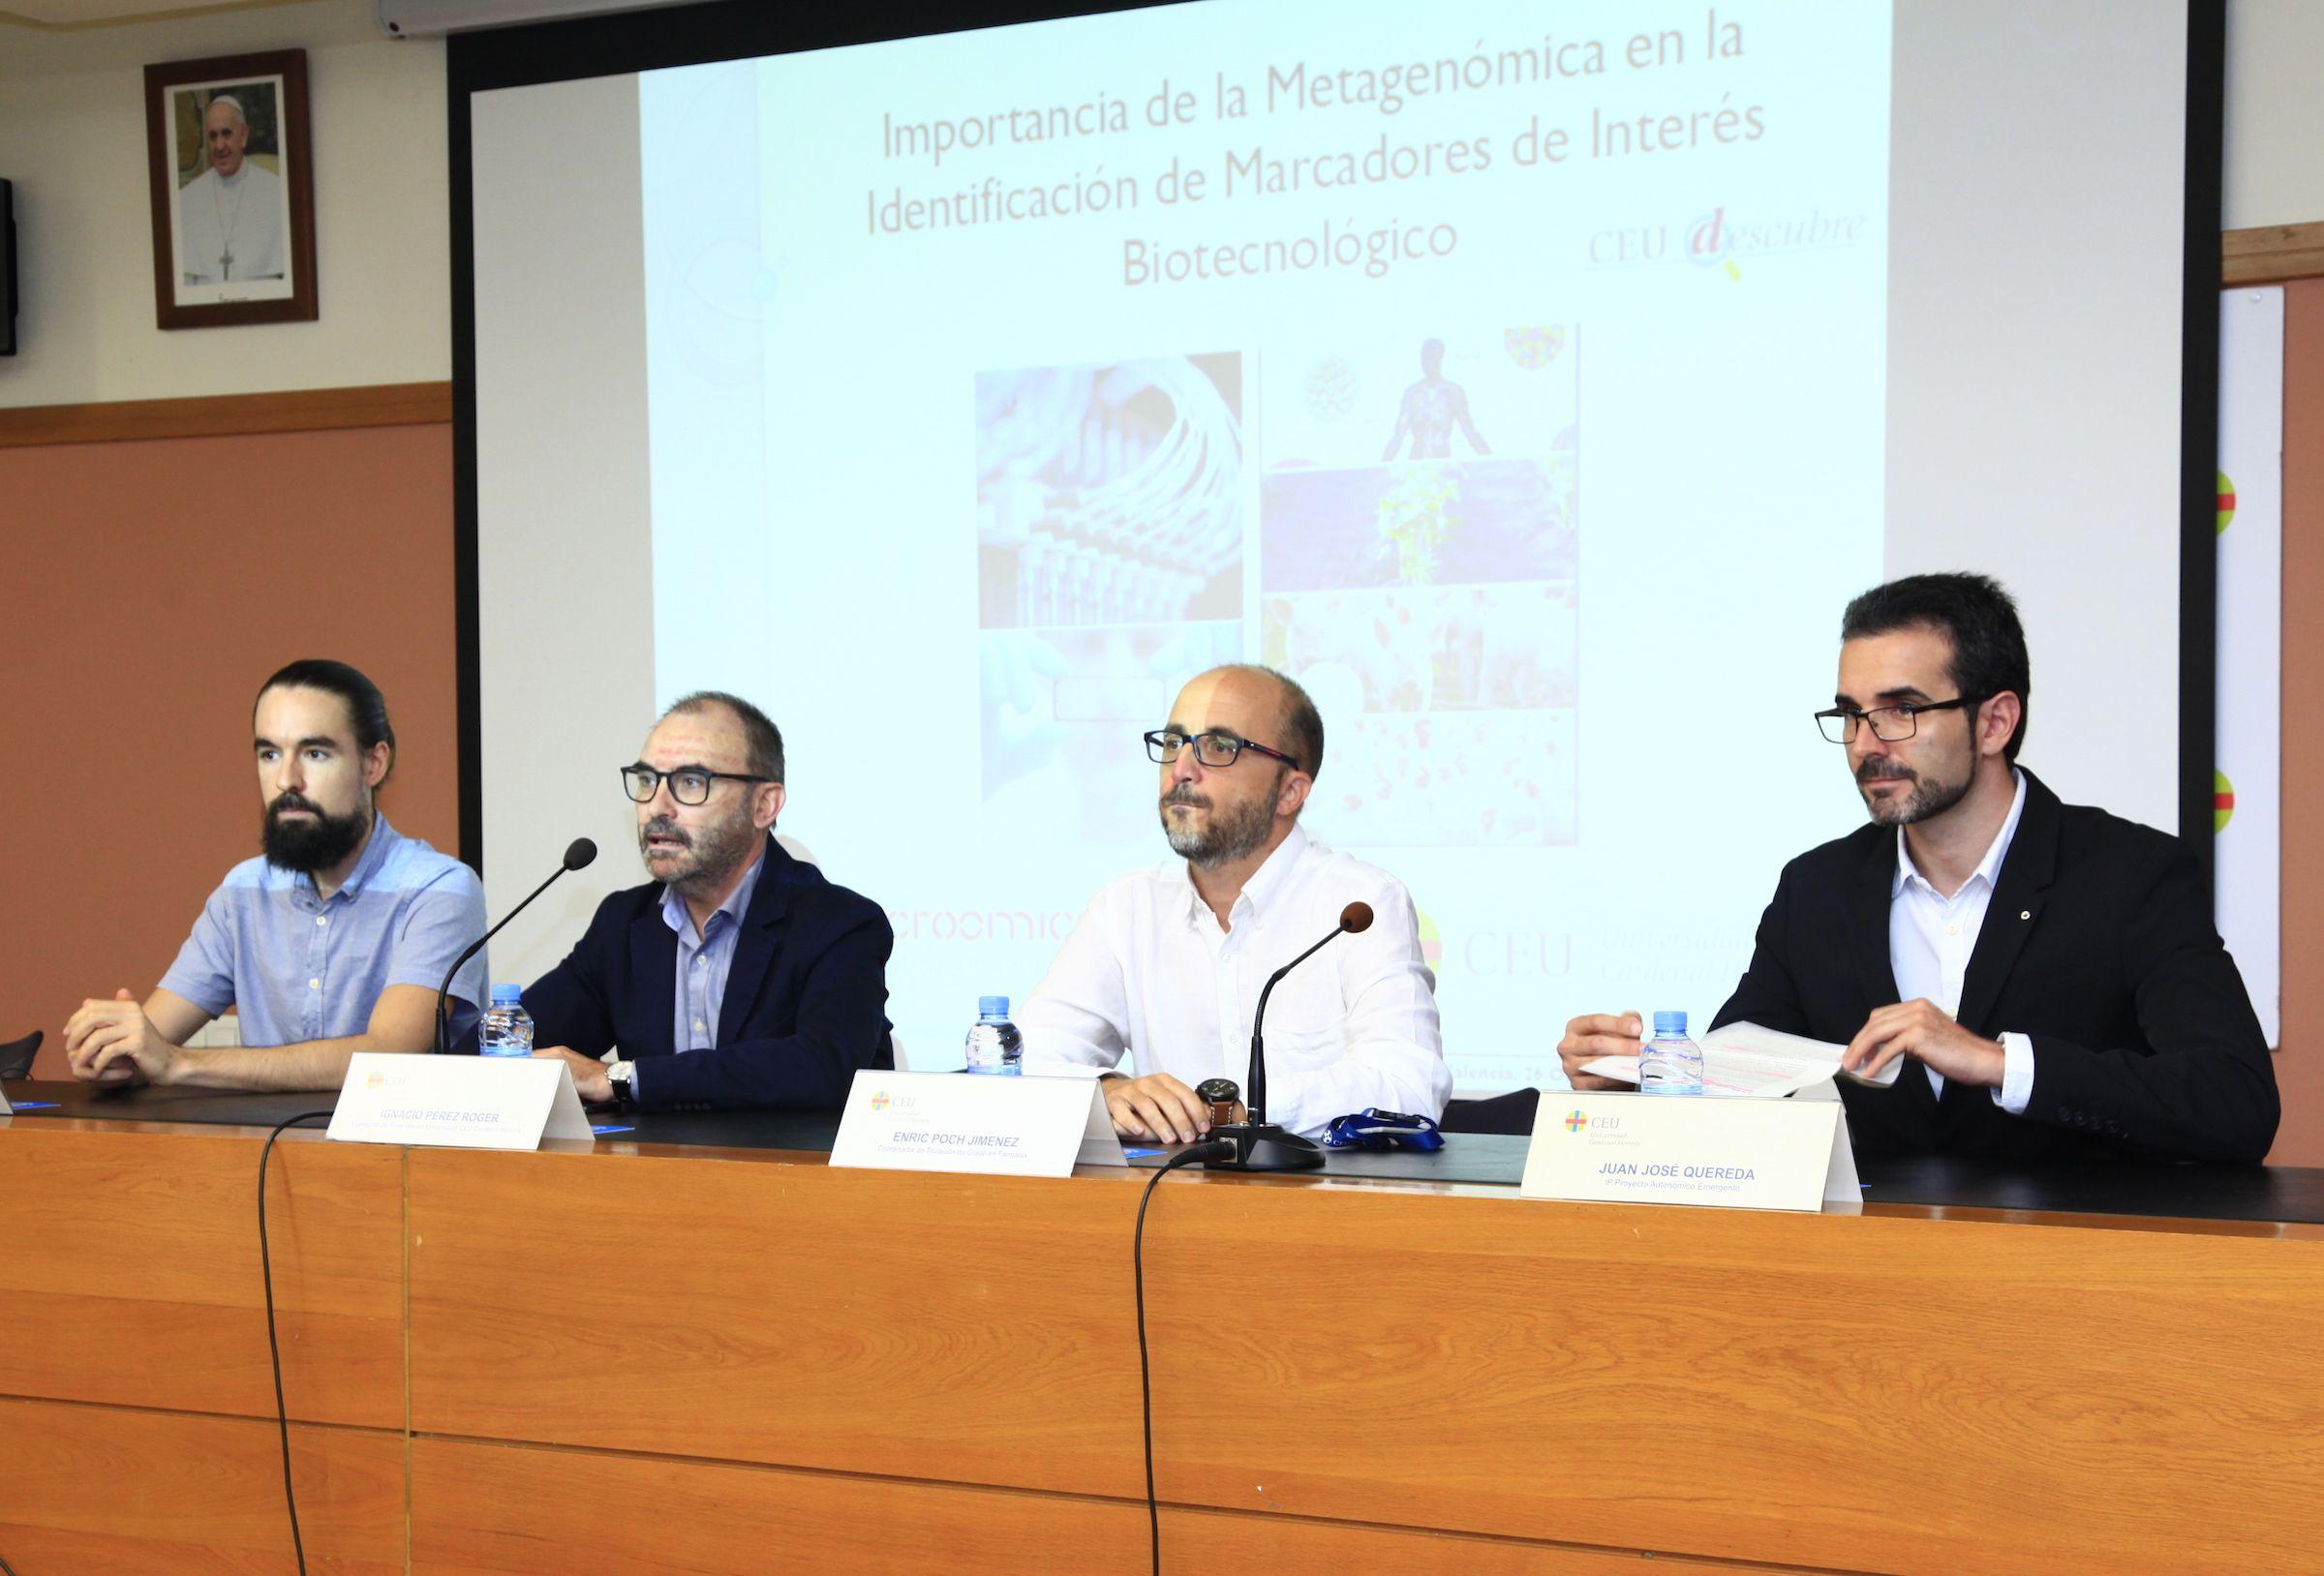 Pedro González, Ignacio Pérez, Enric Poch y Juan José Quereda, en la presentación de la sesión del ciclo CEU Descubre sobre metagenómica.